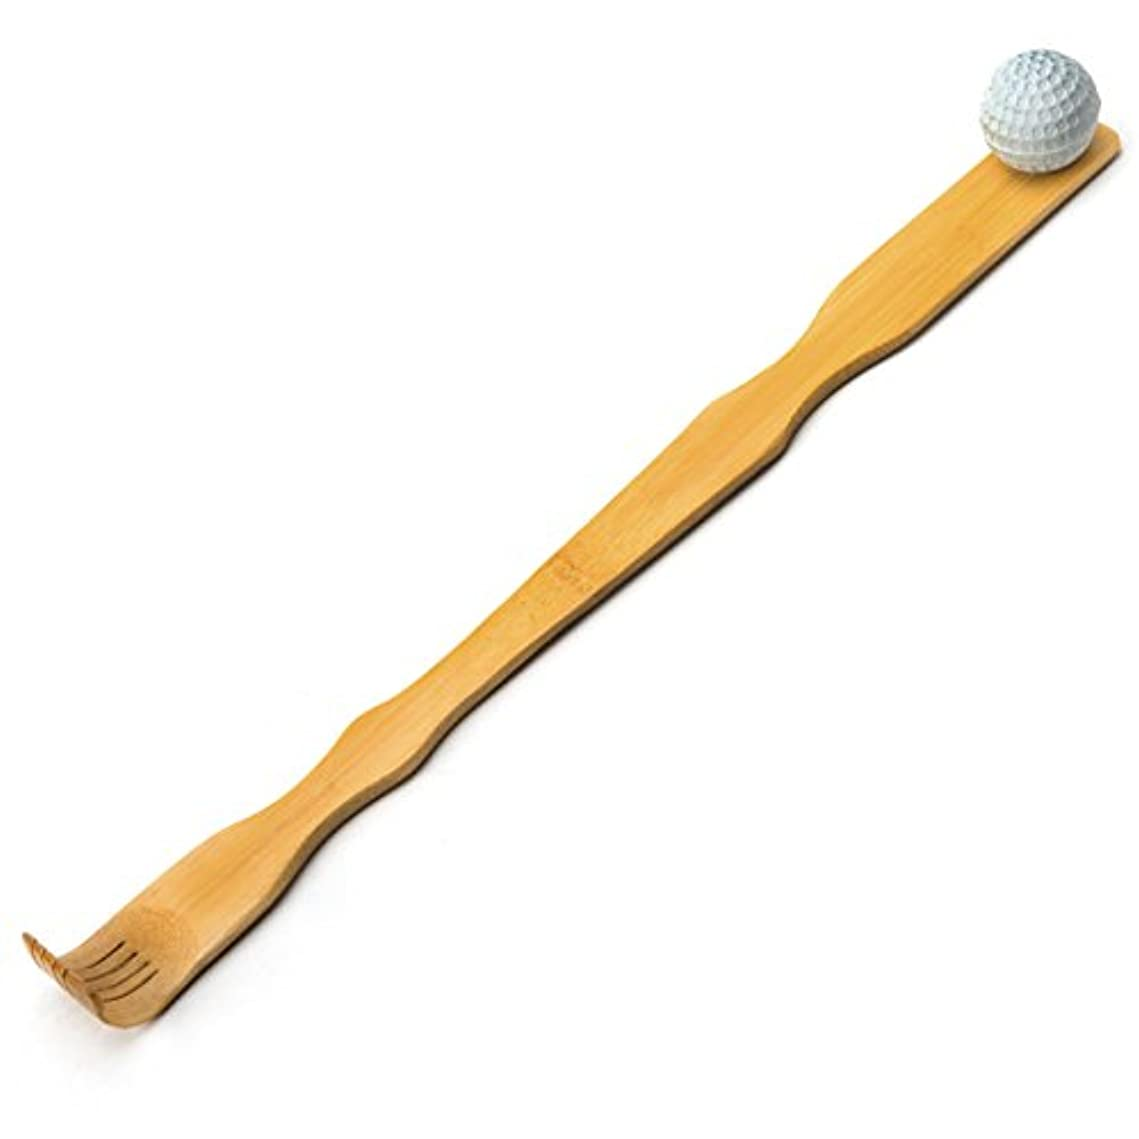 バインドキラウエア山見出しTungSam 竹製孫の手一本 背中かゆみを止め マッサージ用,マッサージボール付き